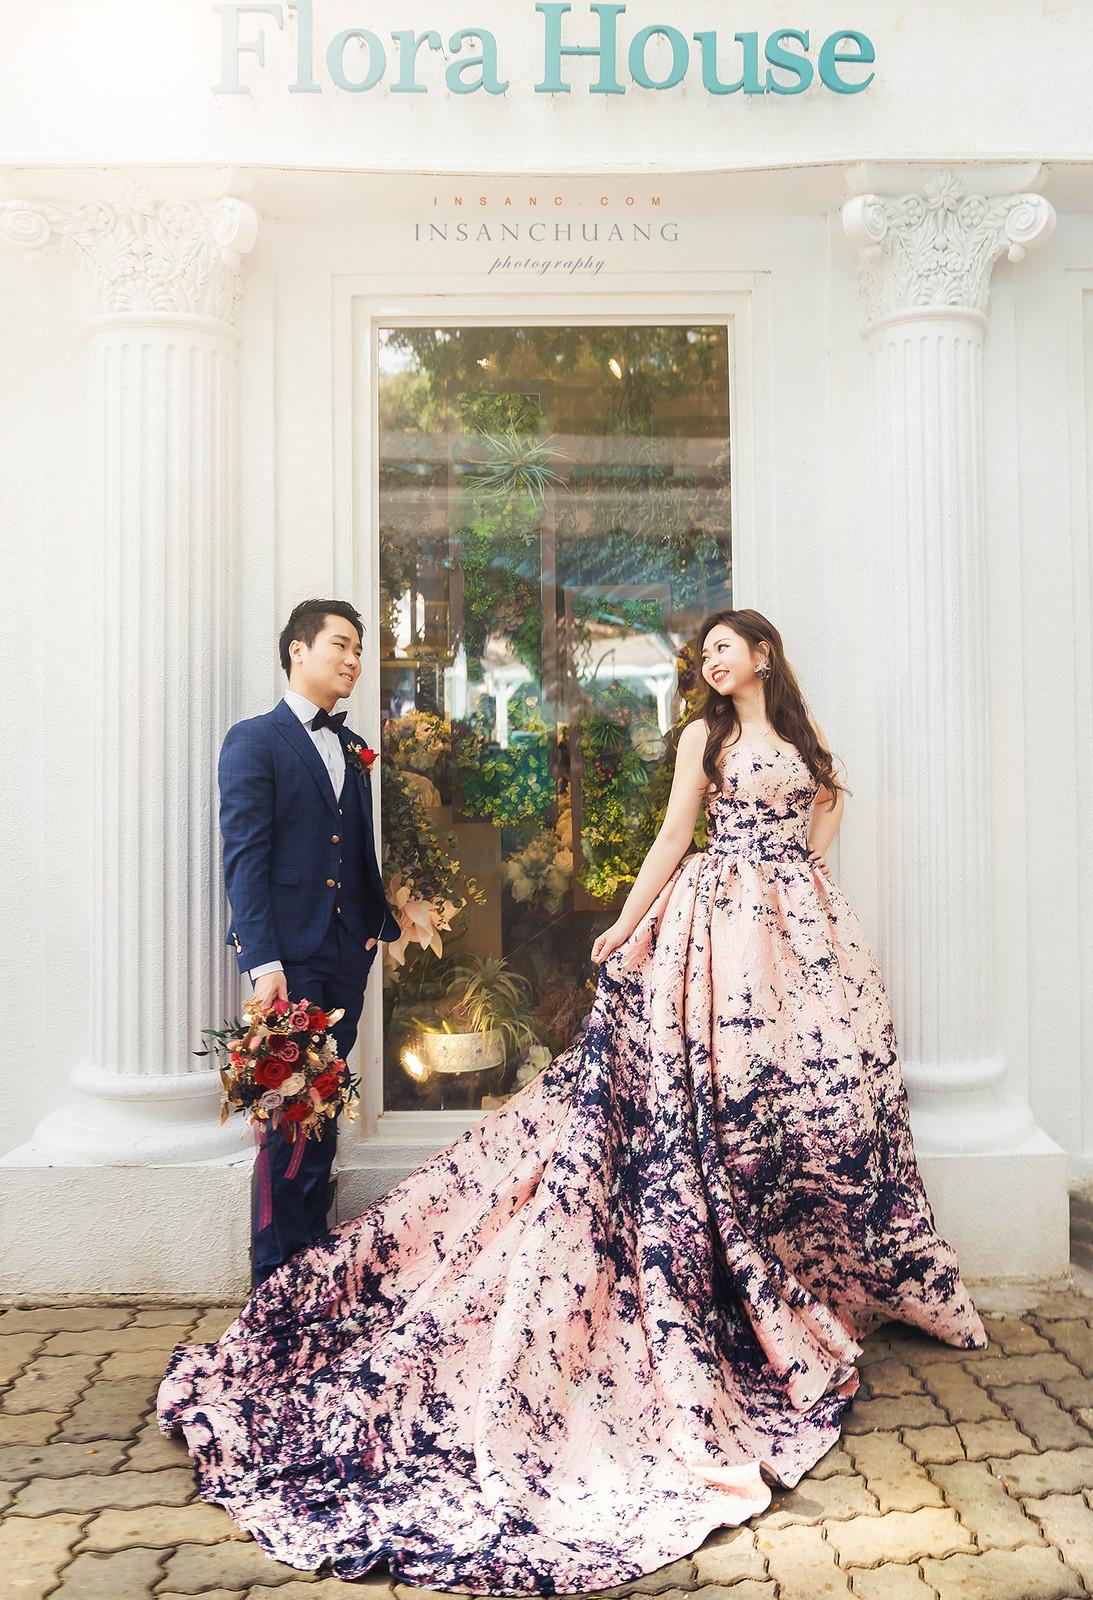 婚攝英聖青青食尚花園會館凡爾賽o-20210116142152-1920